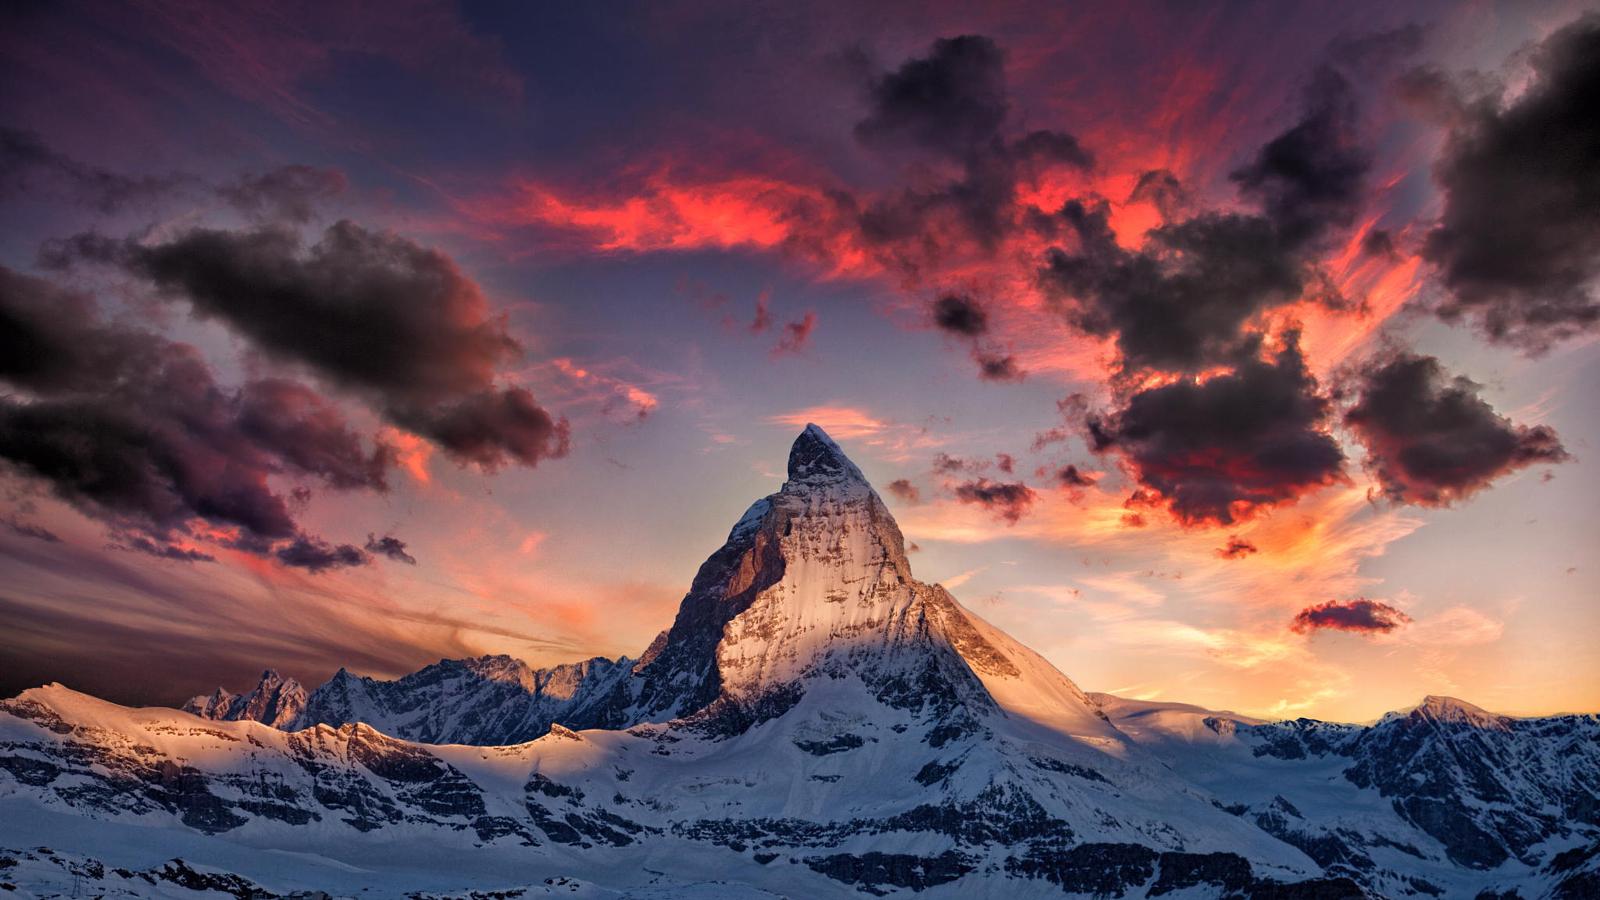 Самое интересное : Колорит повседневной жизни в Африке